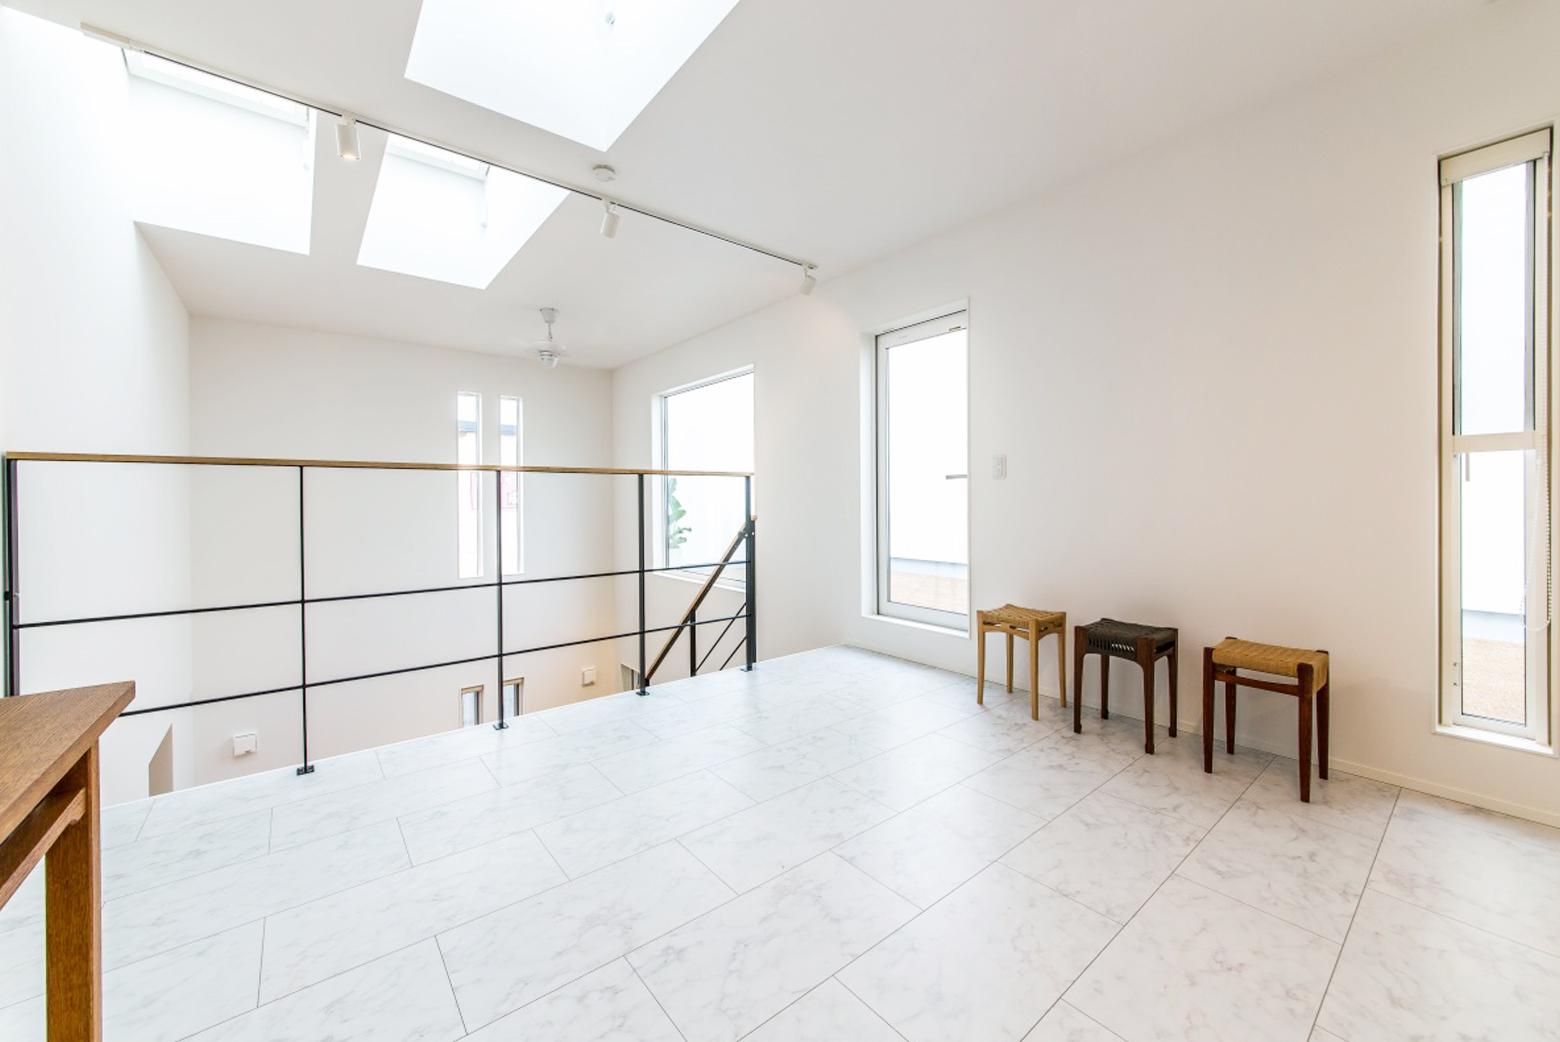 新築一戸建て注文住宅を建てる工務店・一級建築士事務所